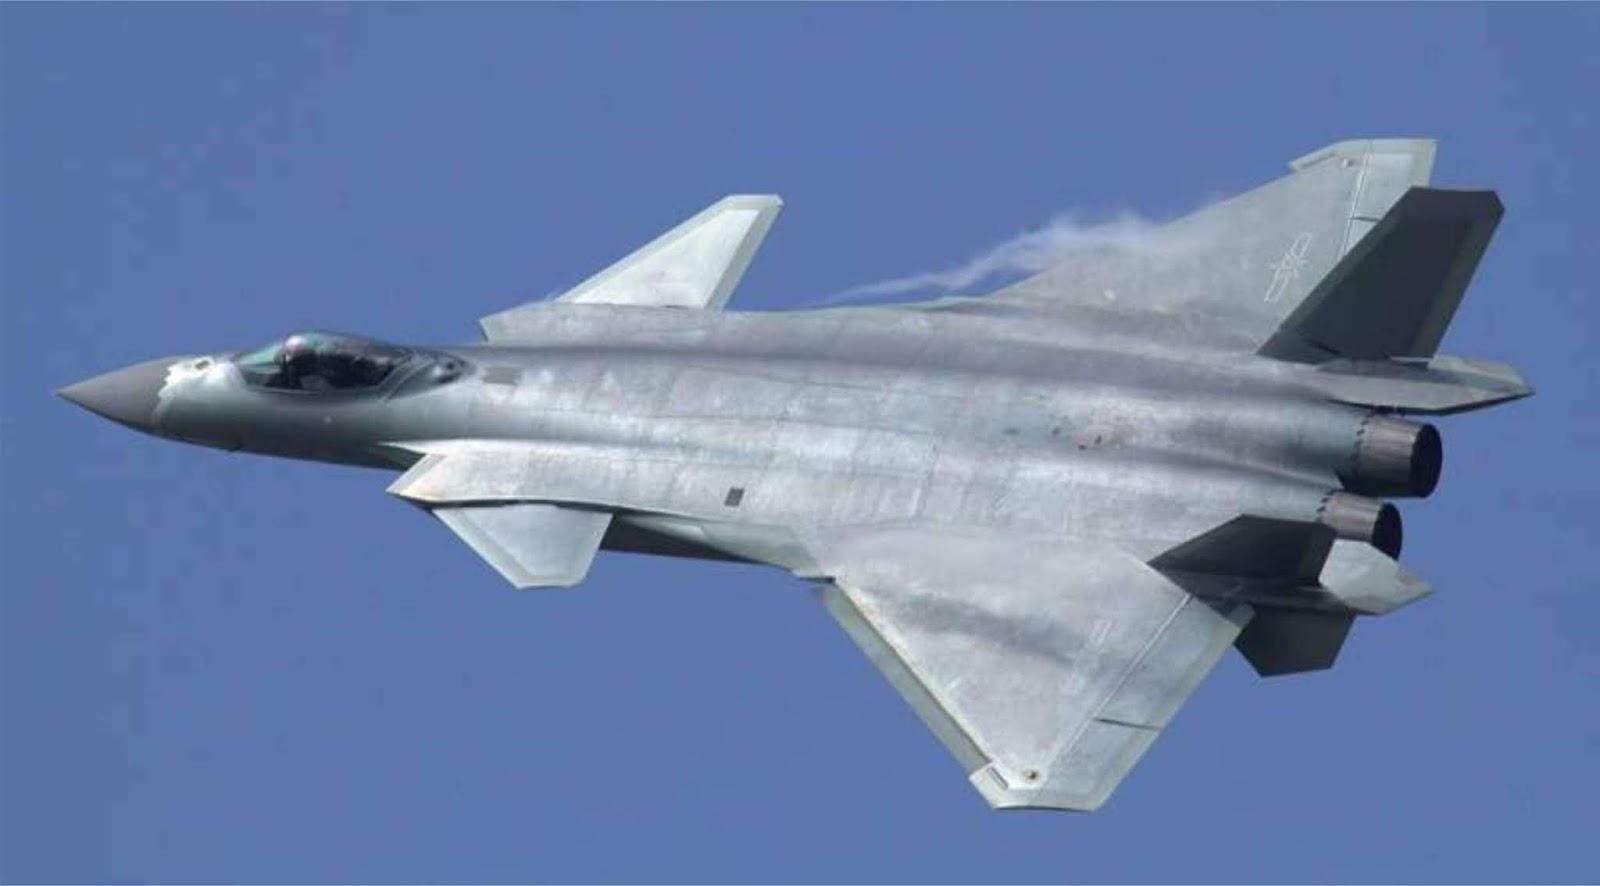 Pilot Uji Rusia menilai tentang pesawat tempur generasi ke-5 Cina